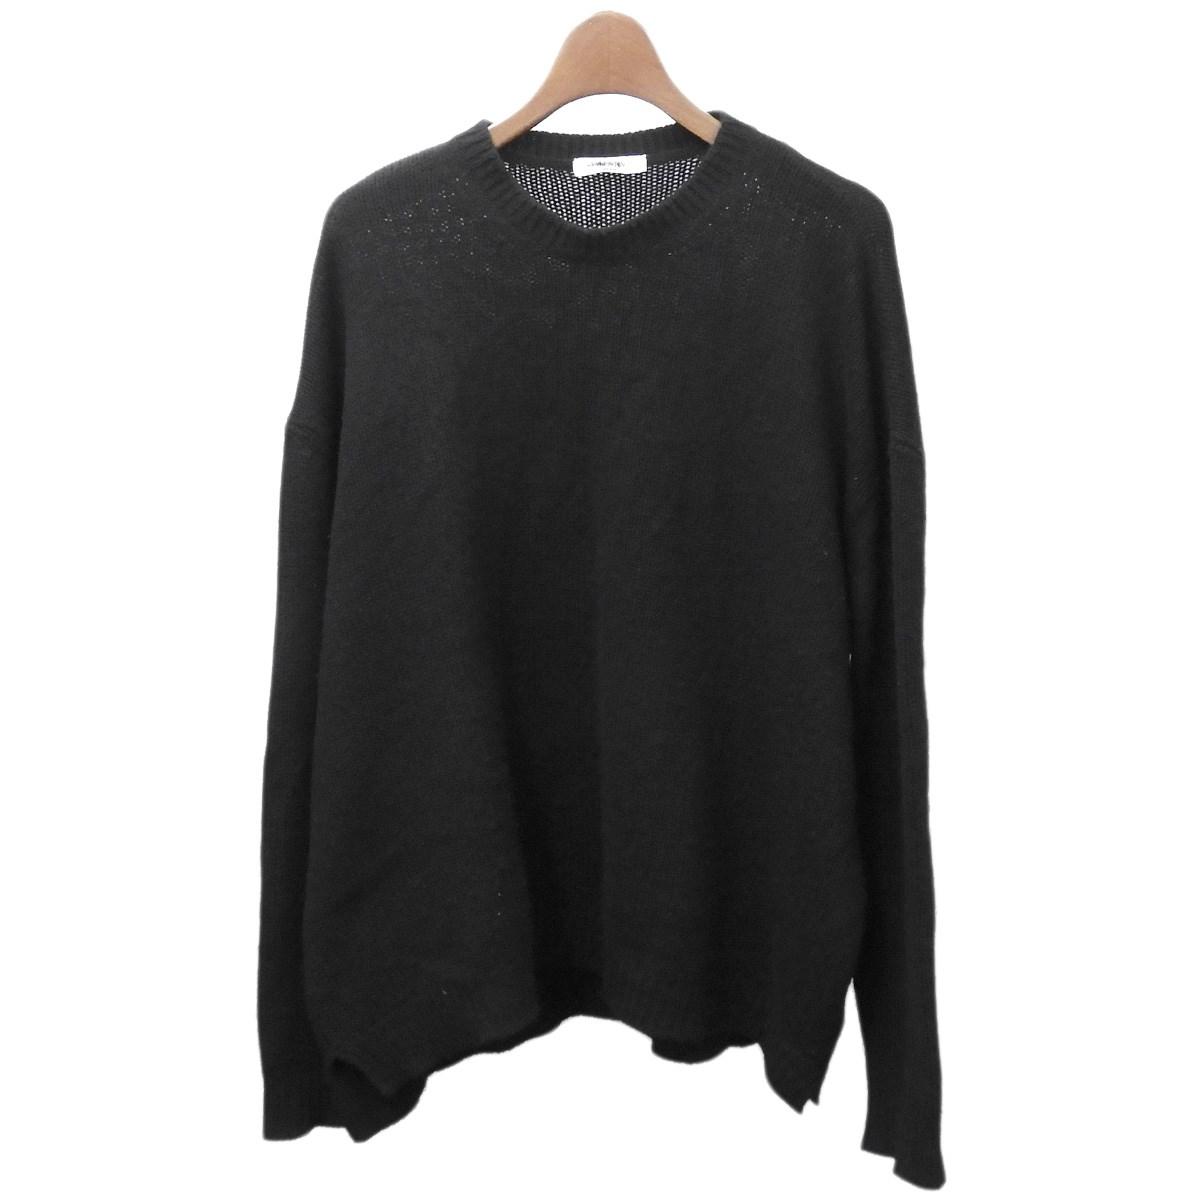 【中古】VALENTINO ニットセーター ブラック サイズ:S 【100220】(ヴァレンティノ)